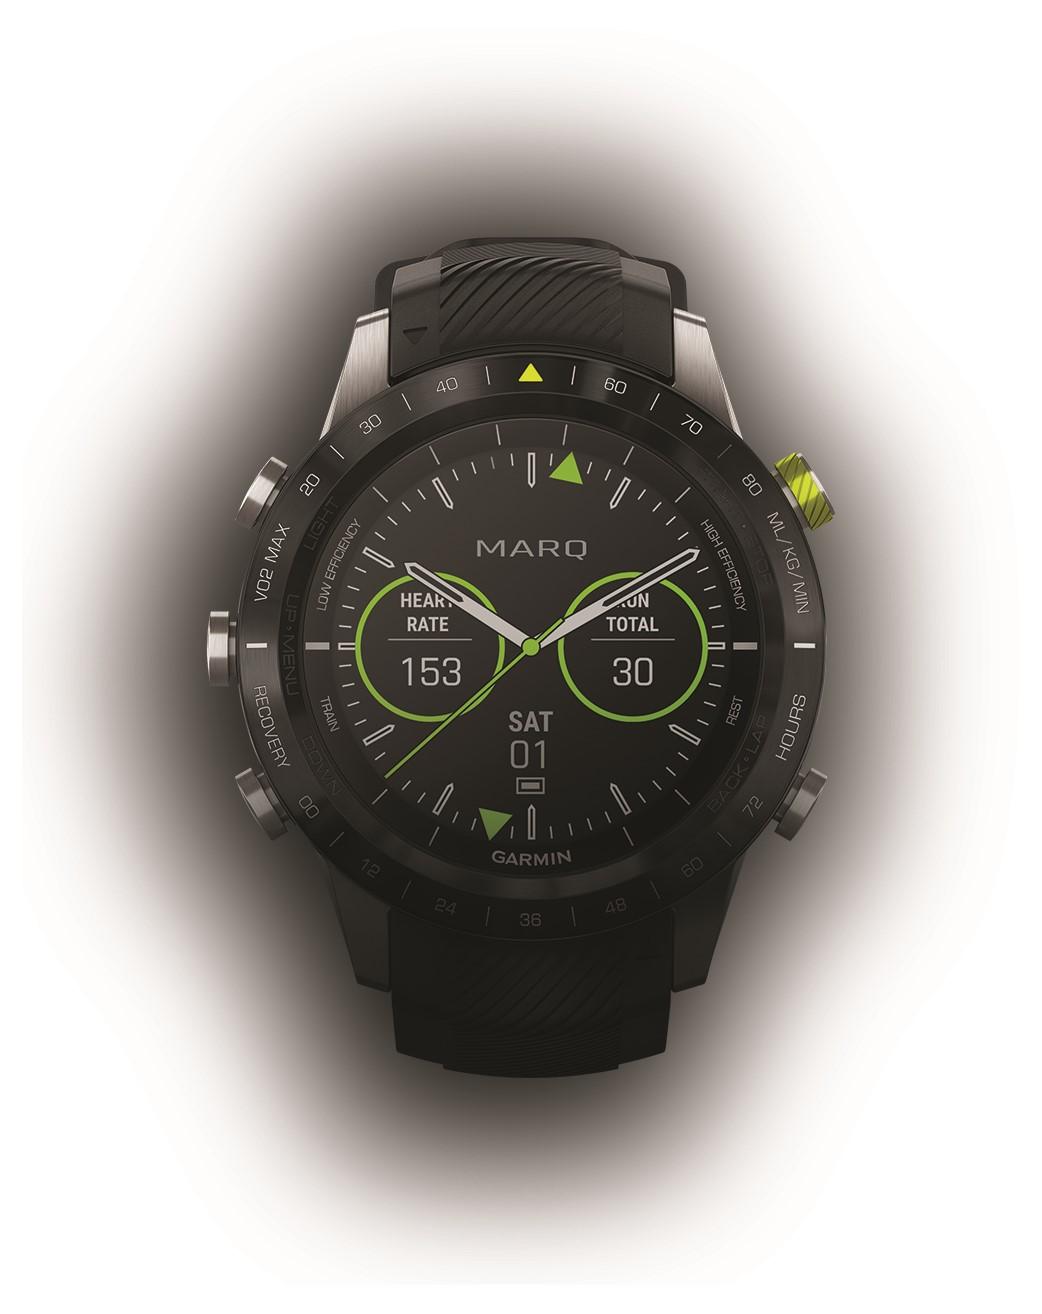 Garmin predstavio MARQ seriju satova s cijenama od 11 790 do